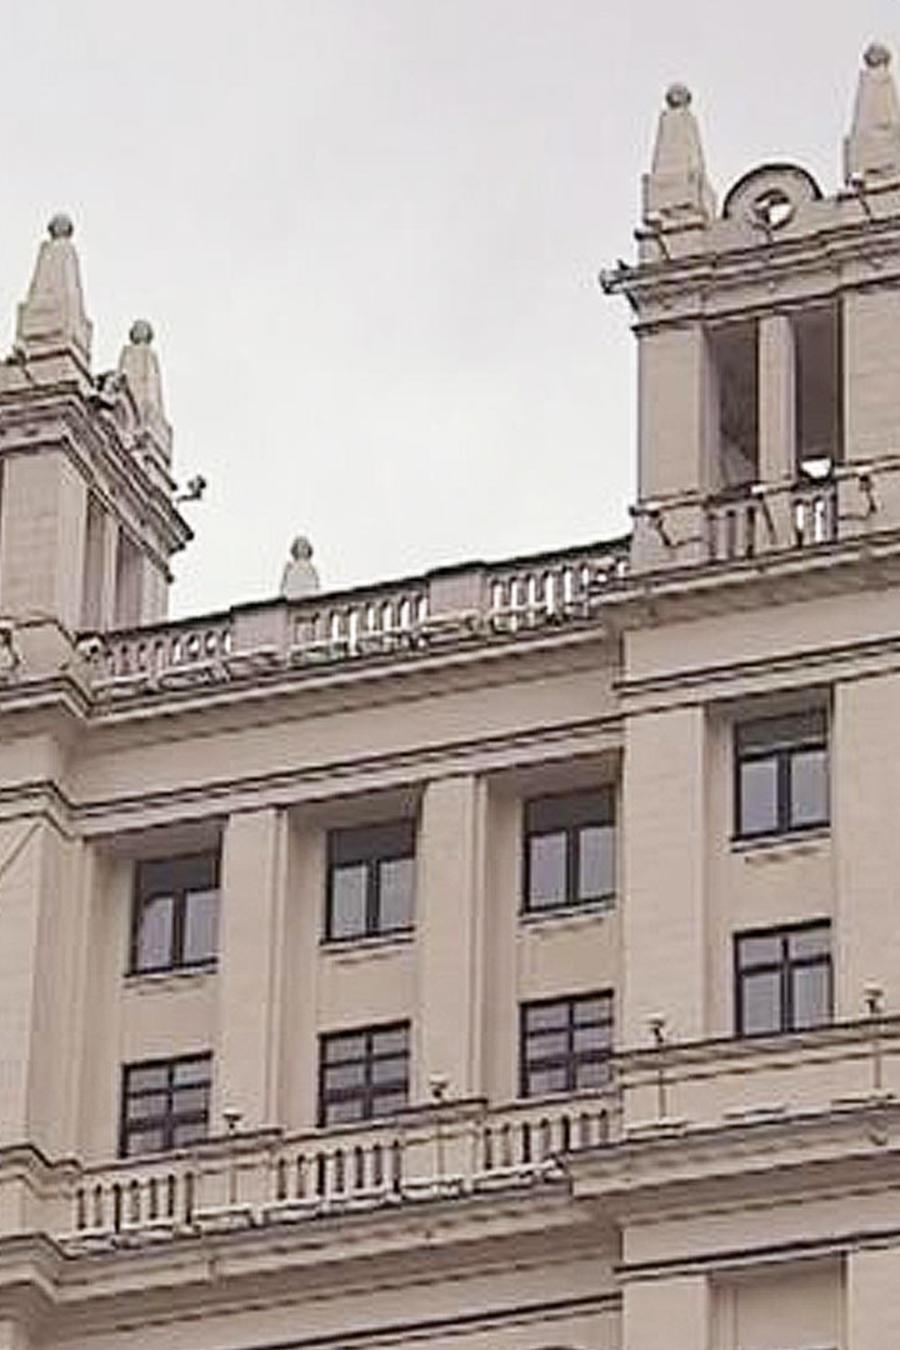 edificio ruso